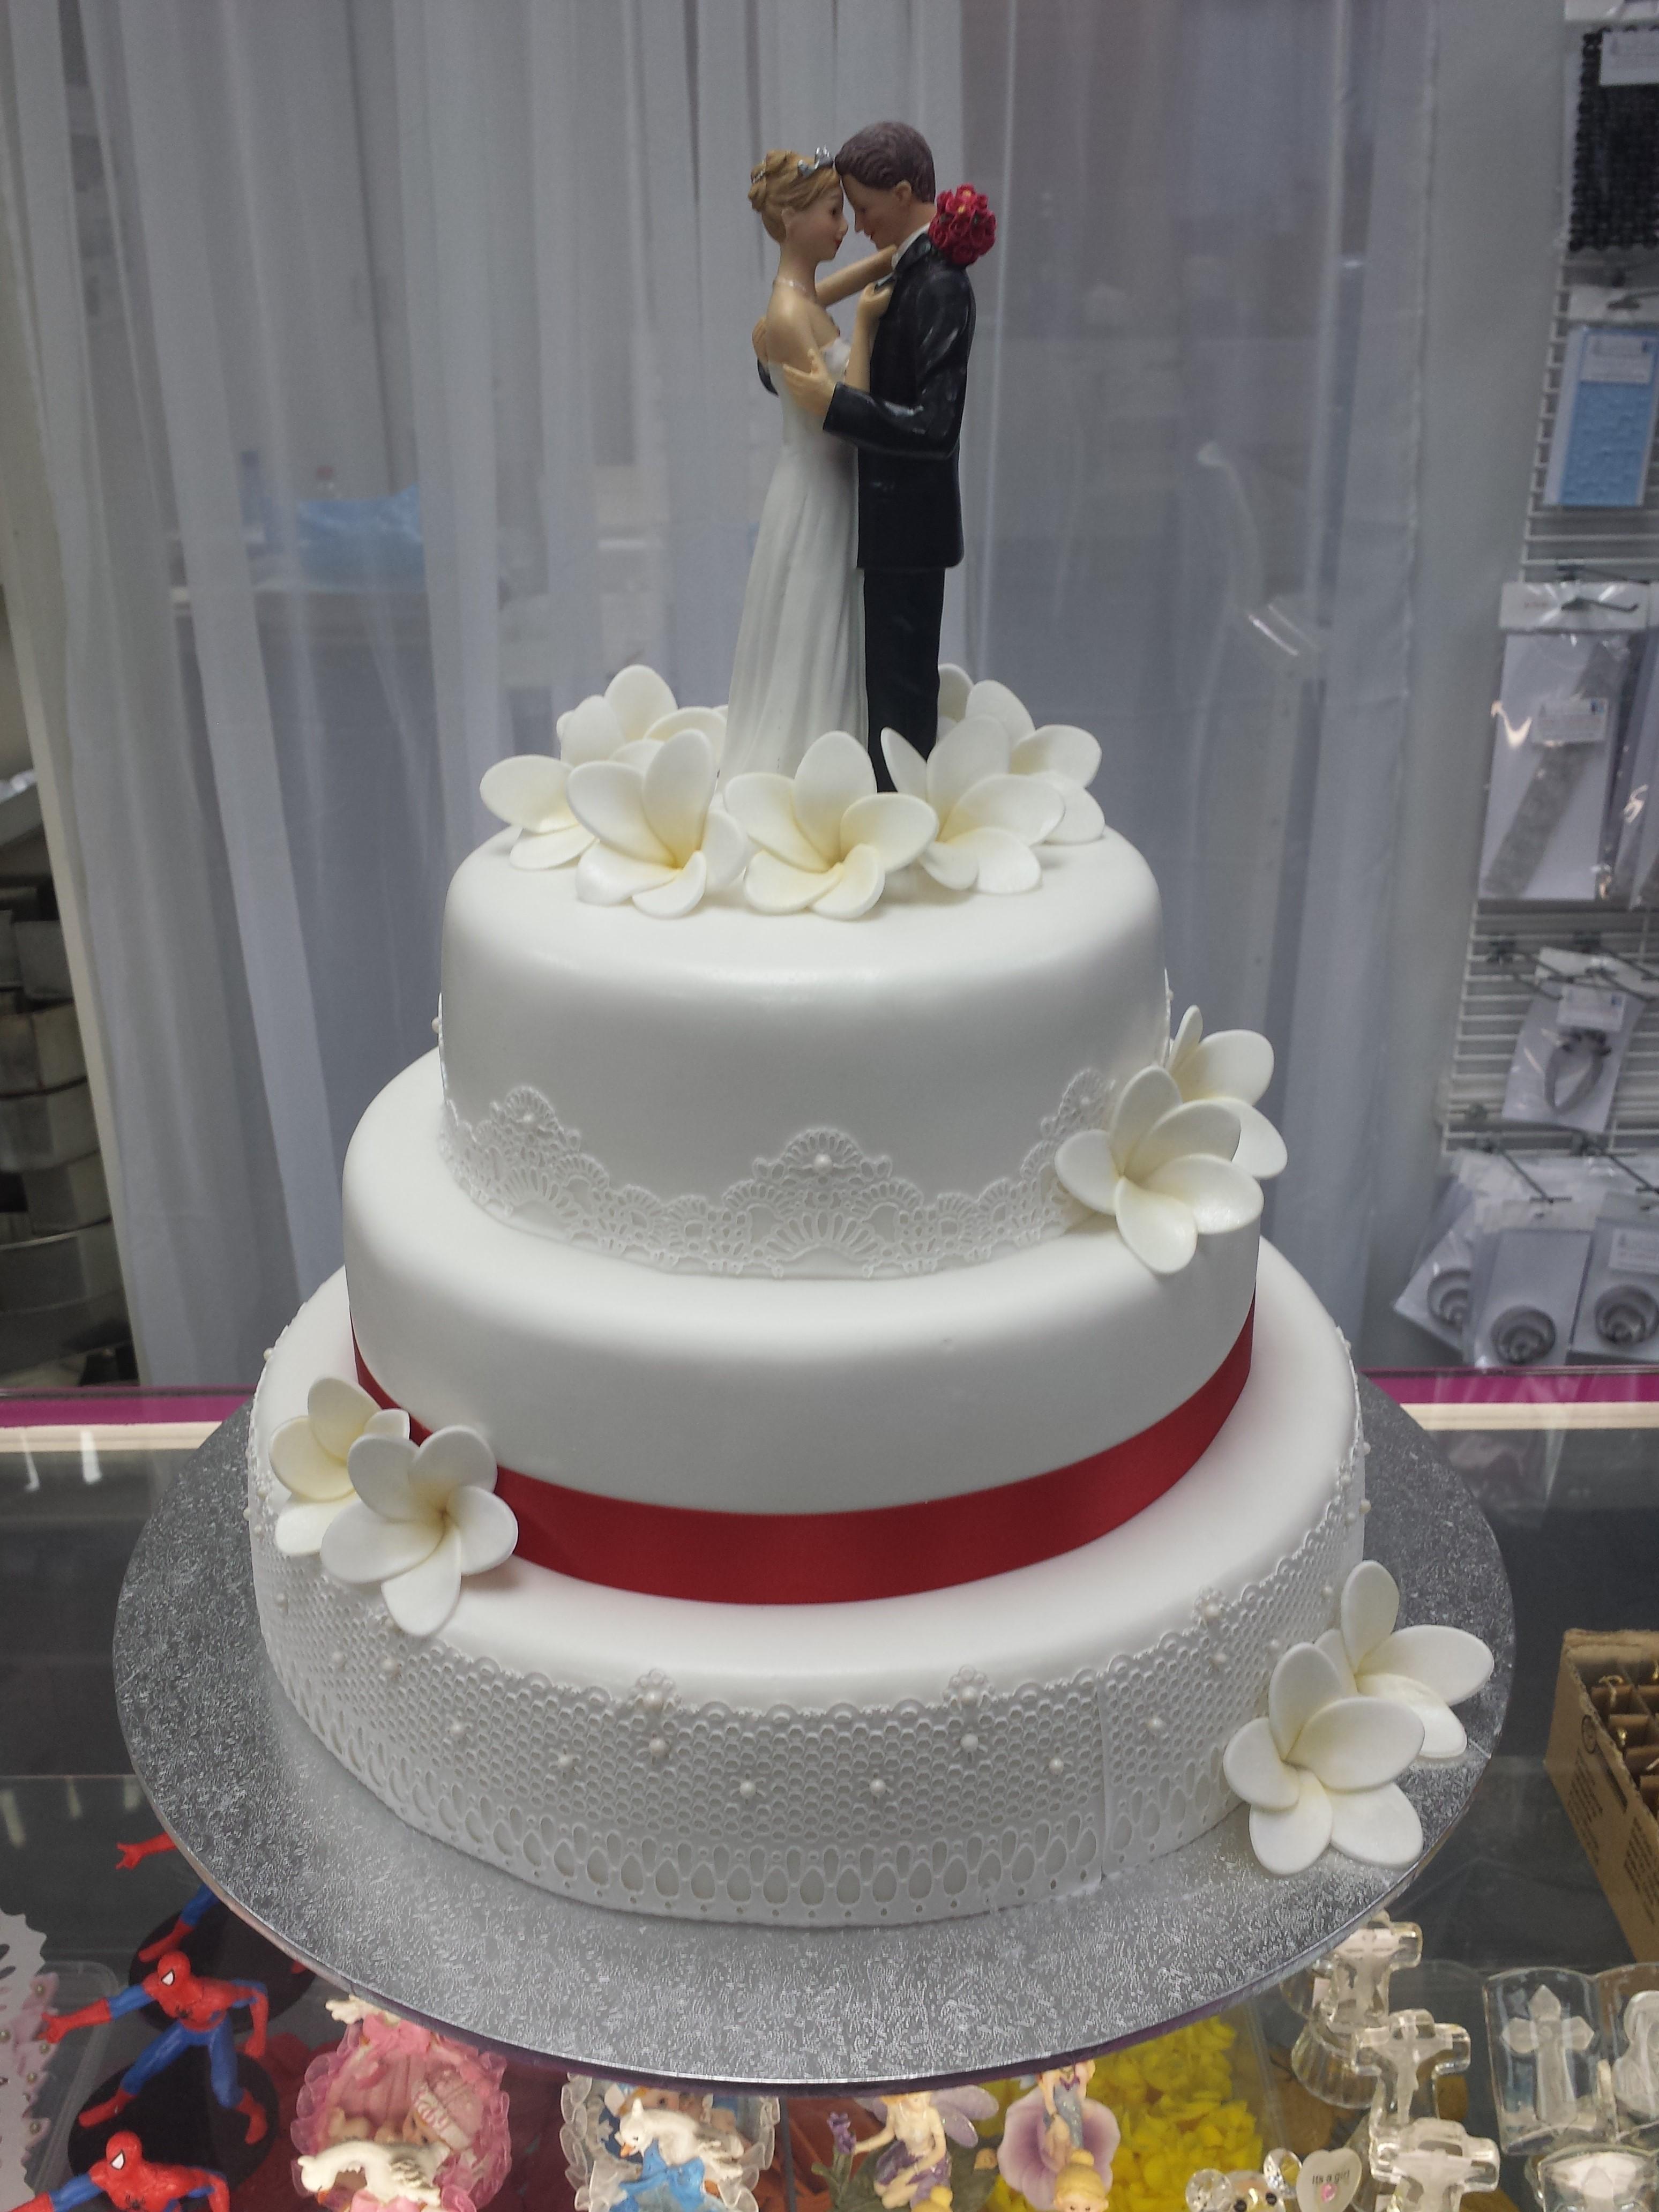 Wedding #22 - Lace & Frangapanis